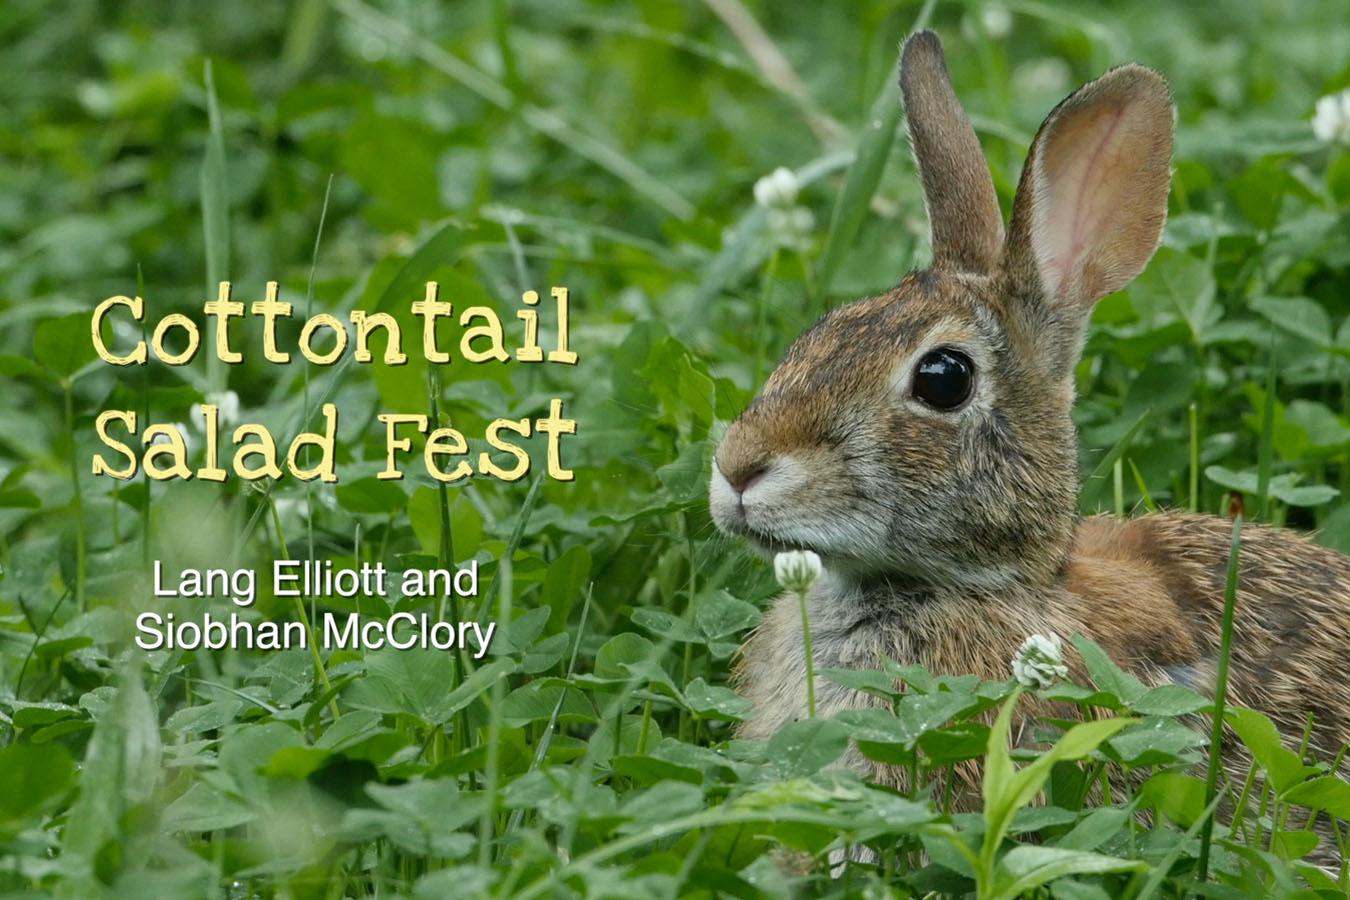 Cottontail Salad Fest featured image © Lang Elliott